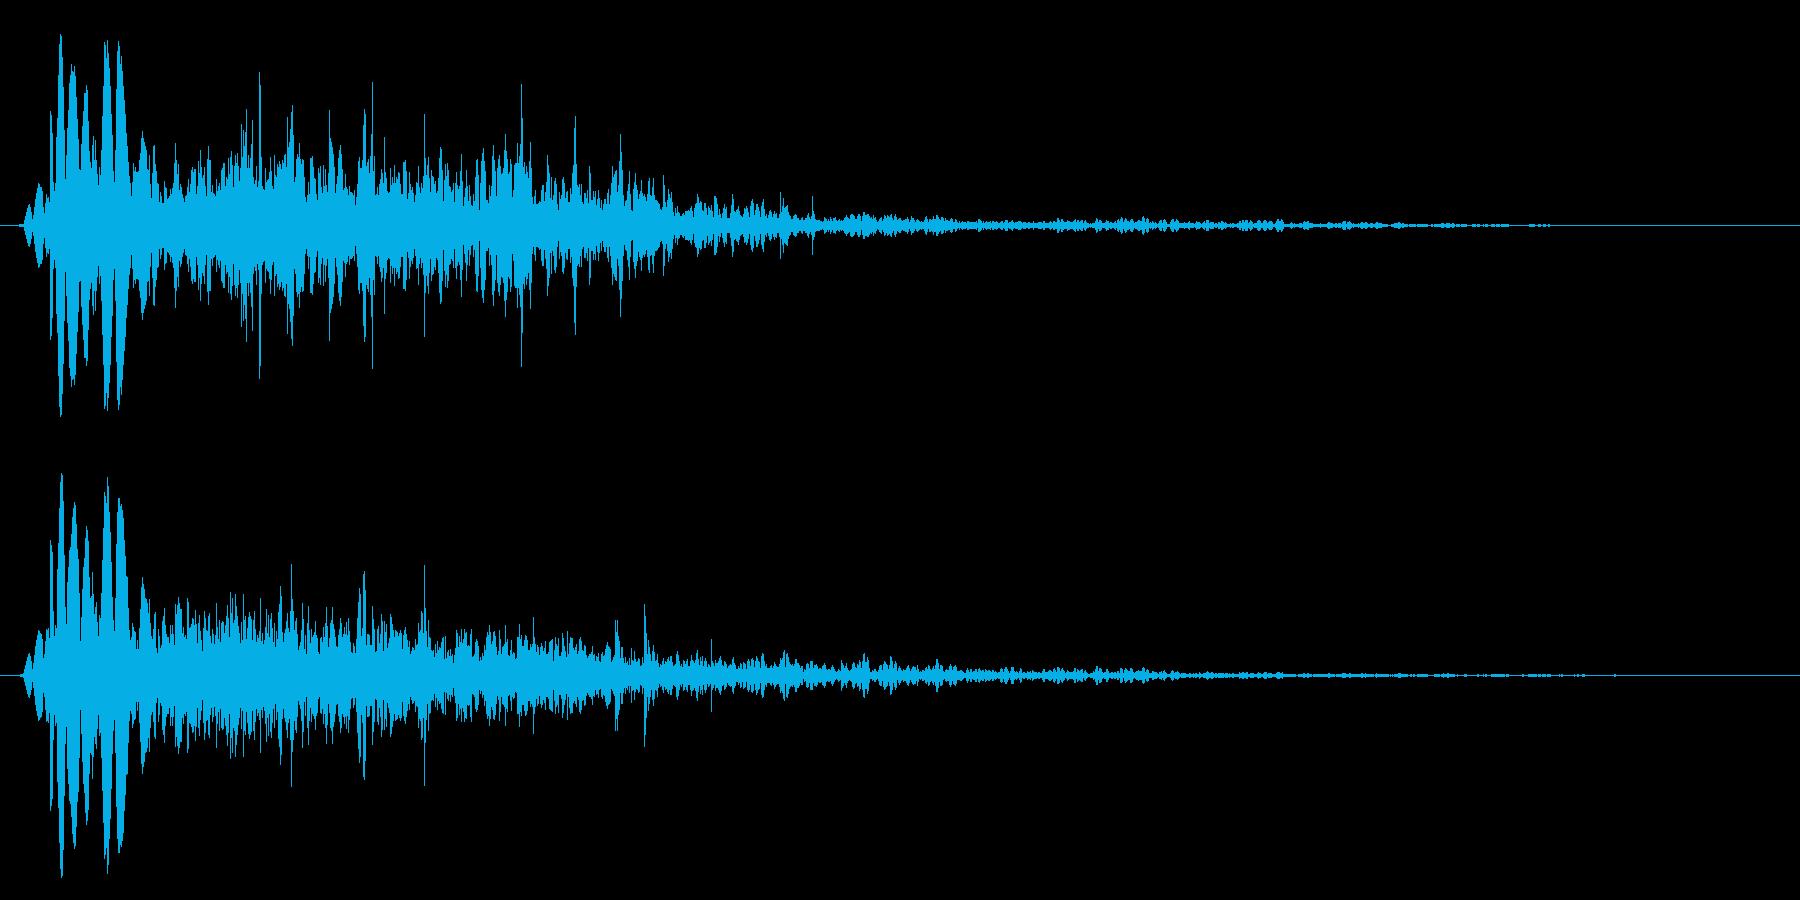 燃え盛る炎・火炎系の魔法(中レベル)sの再生済みの波形